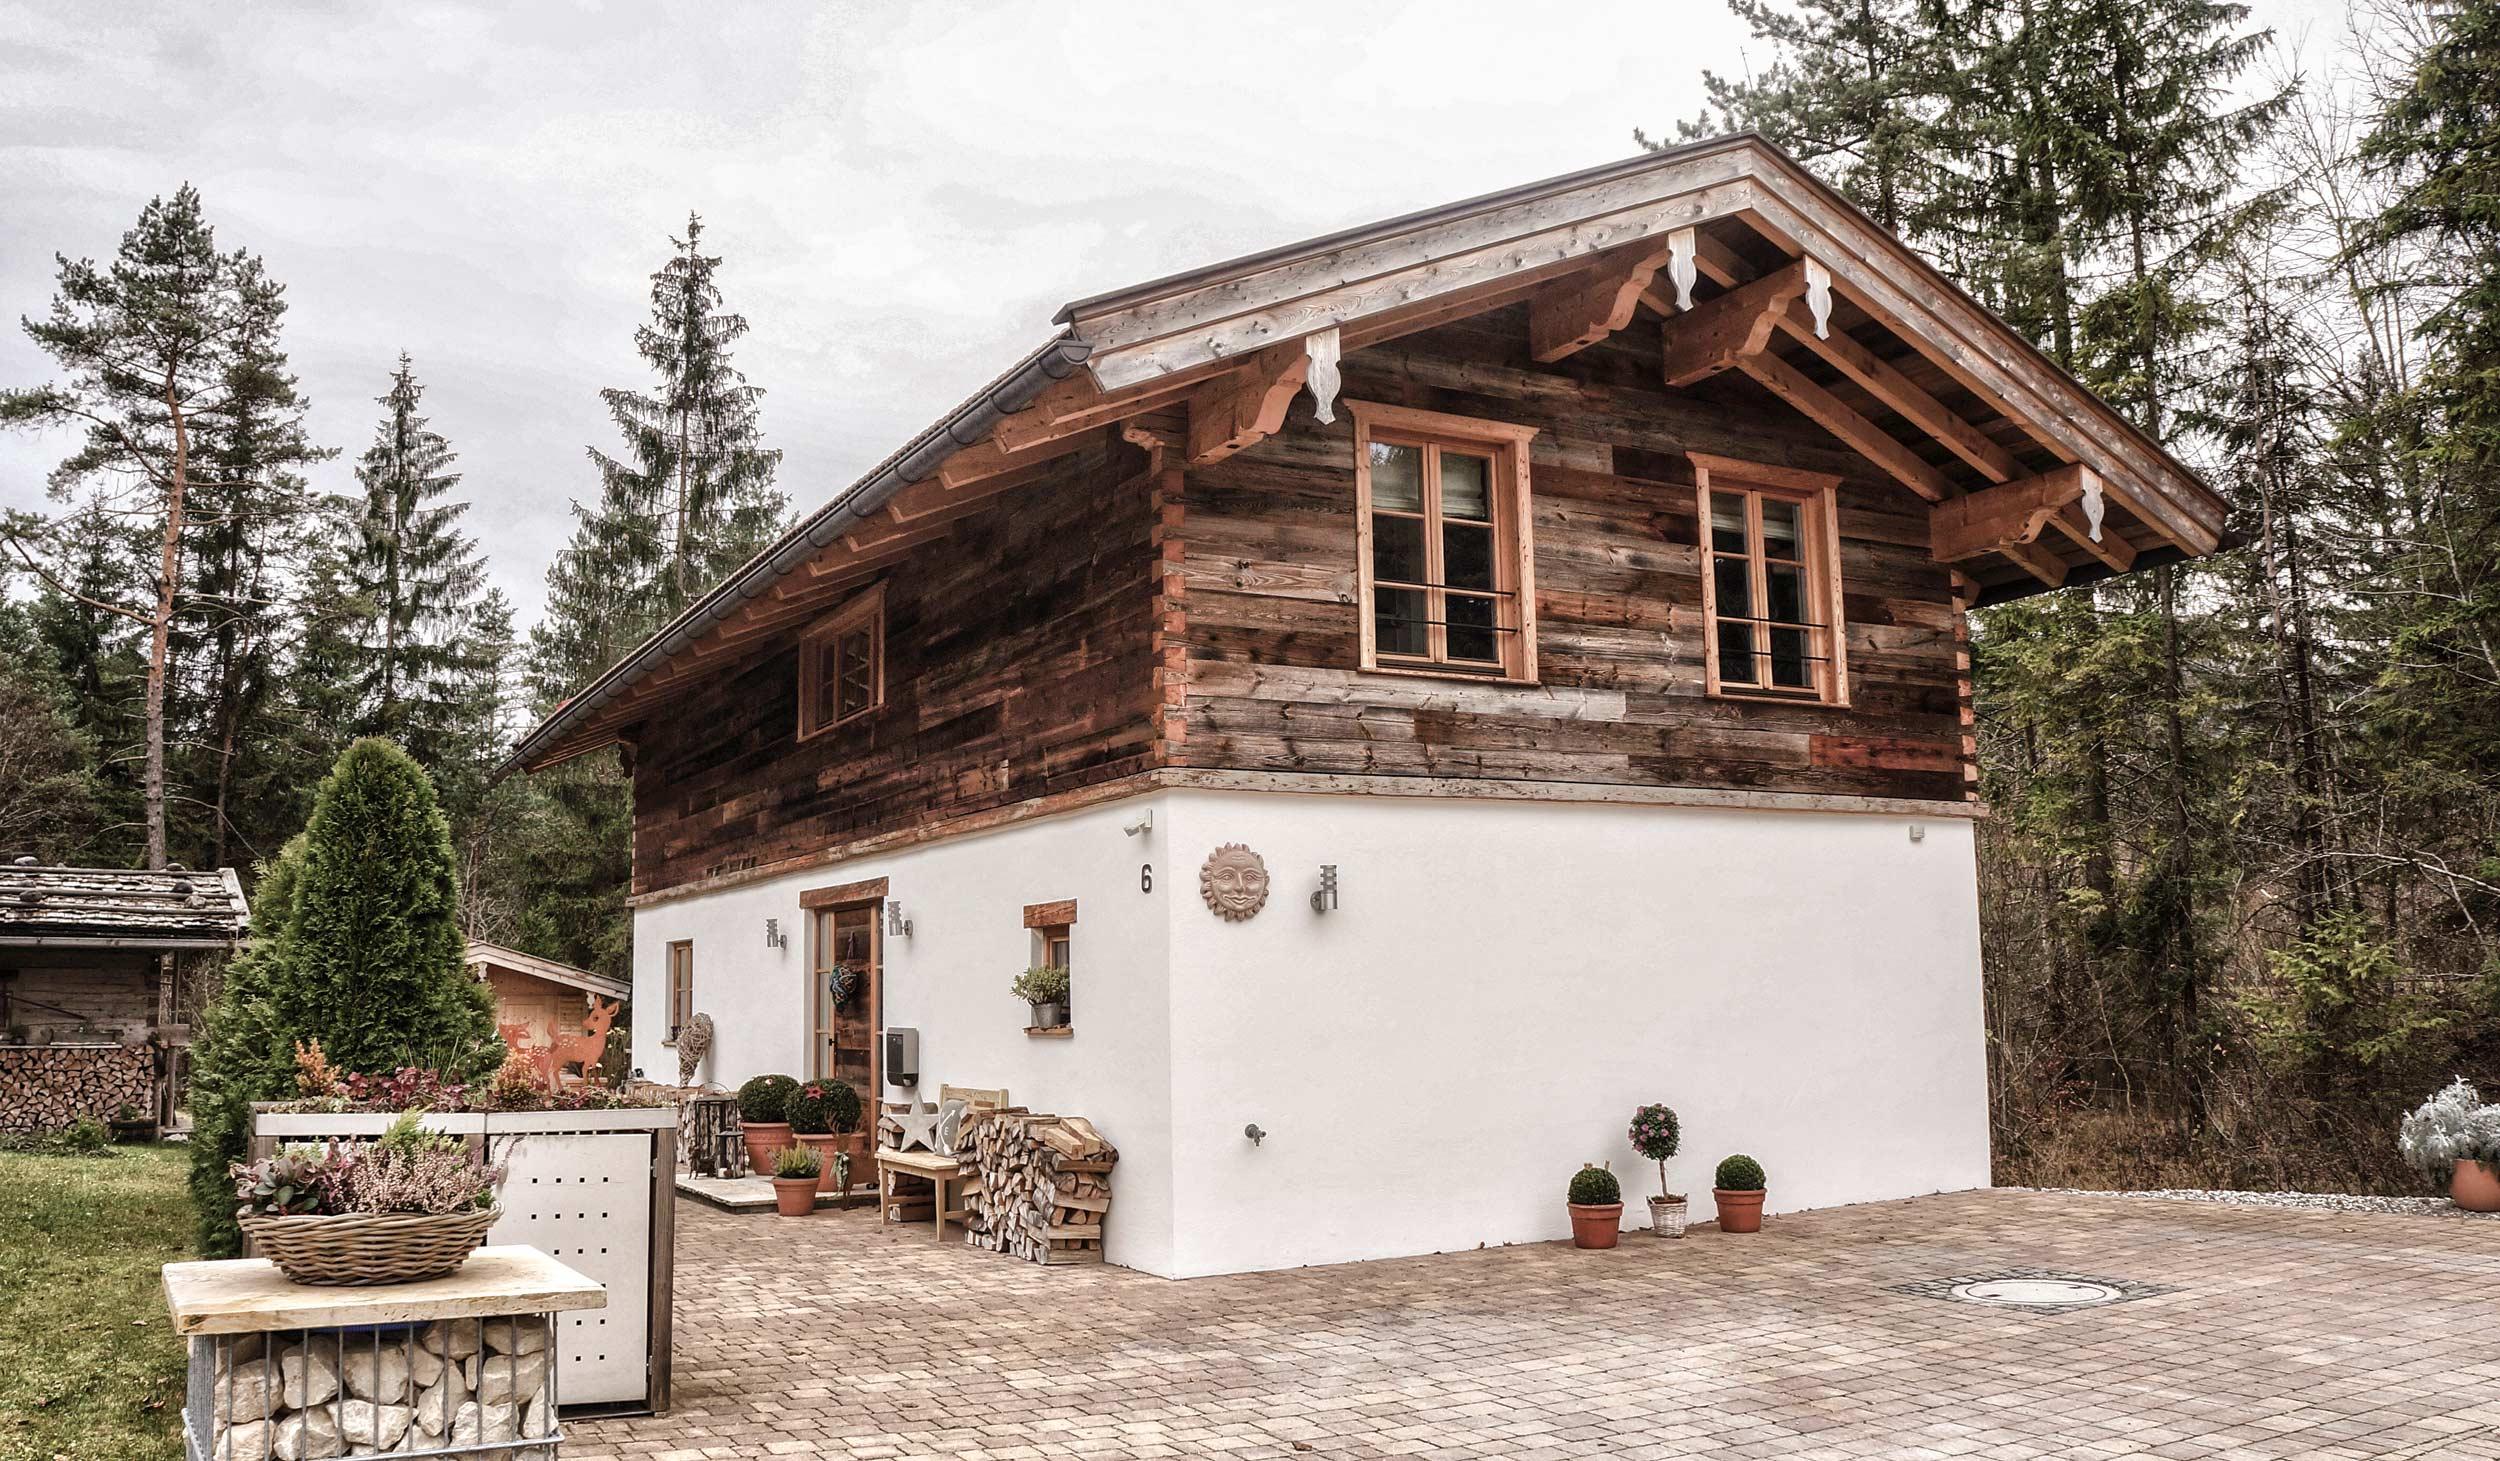 zimmerei-stoib-holzbau-holzhaus-altholz-fenster-blockbau-aussenschalung-tegernsee-einfamilienhaus-01.jpg